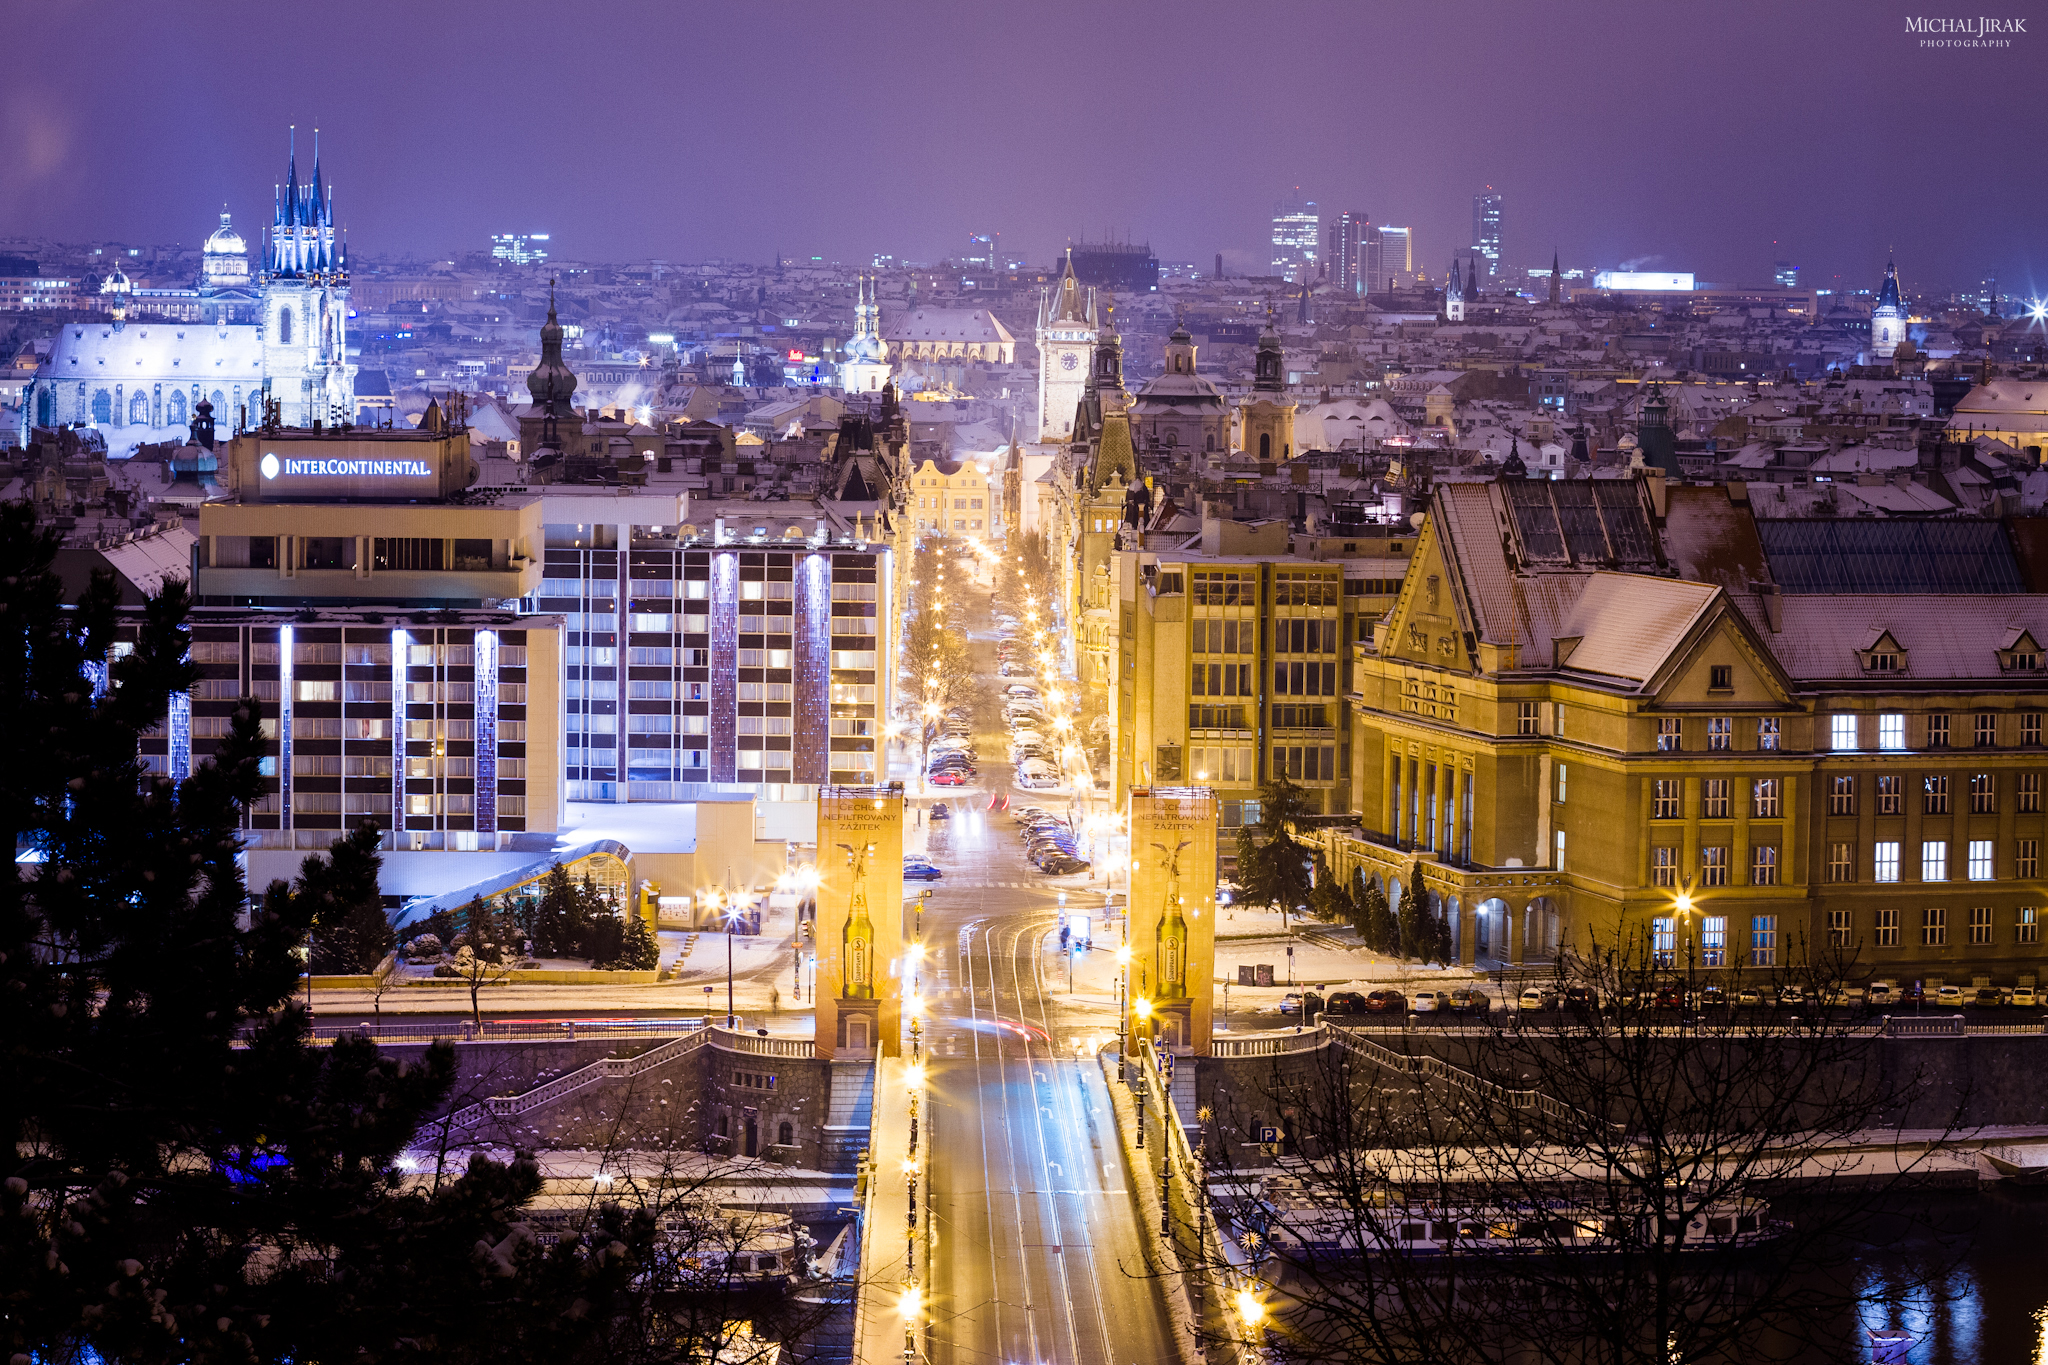 """Michal Jirák: """"Pohled na Pařížskou ulici od metronomu - bylo mínus 10."""""""